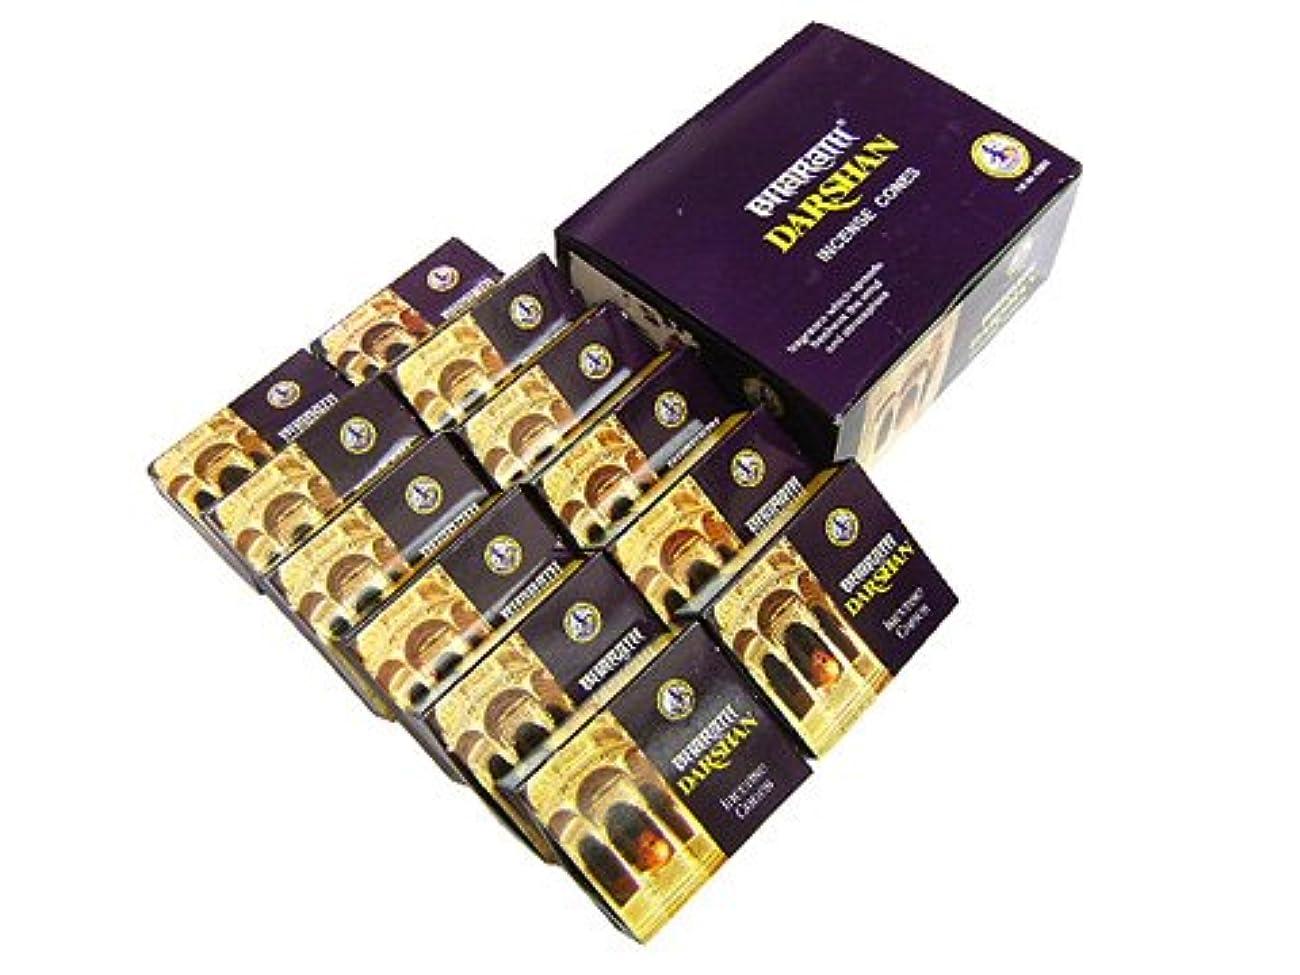 変える同様にいじめっ子ASOKA TRADING(アショーカ トレーディング) バハラットダルシャン香コーンタイプ TRADING BHARATH DARSHAN CORN 12箱セット